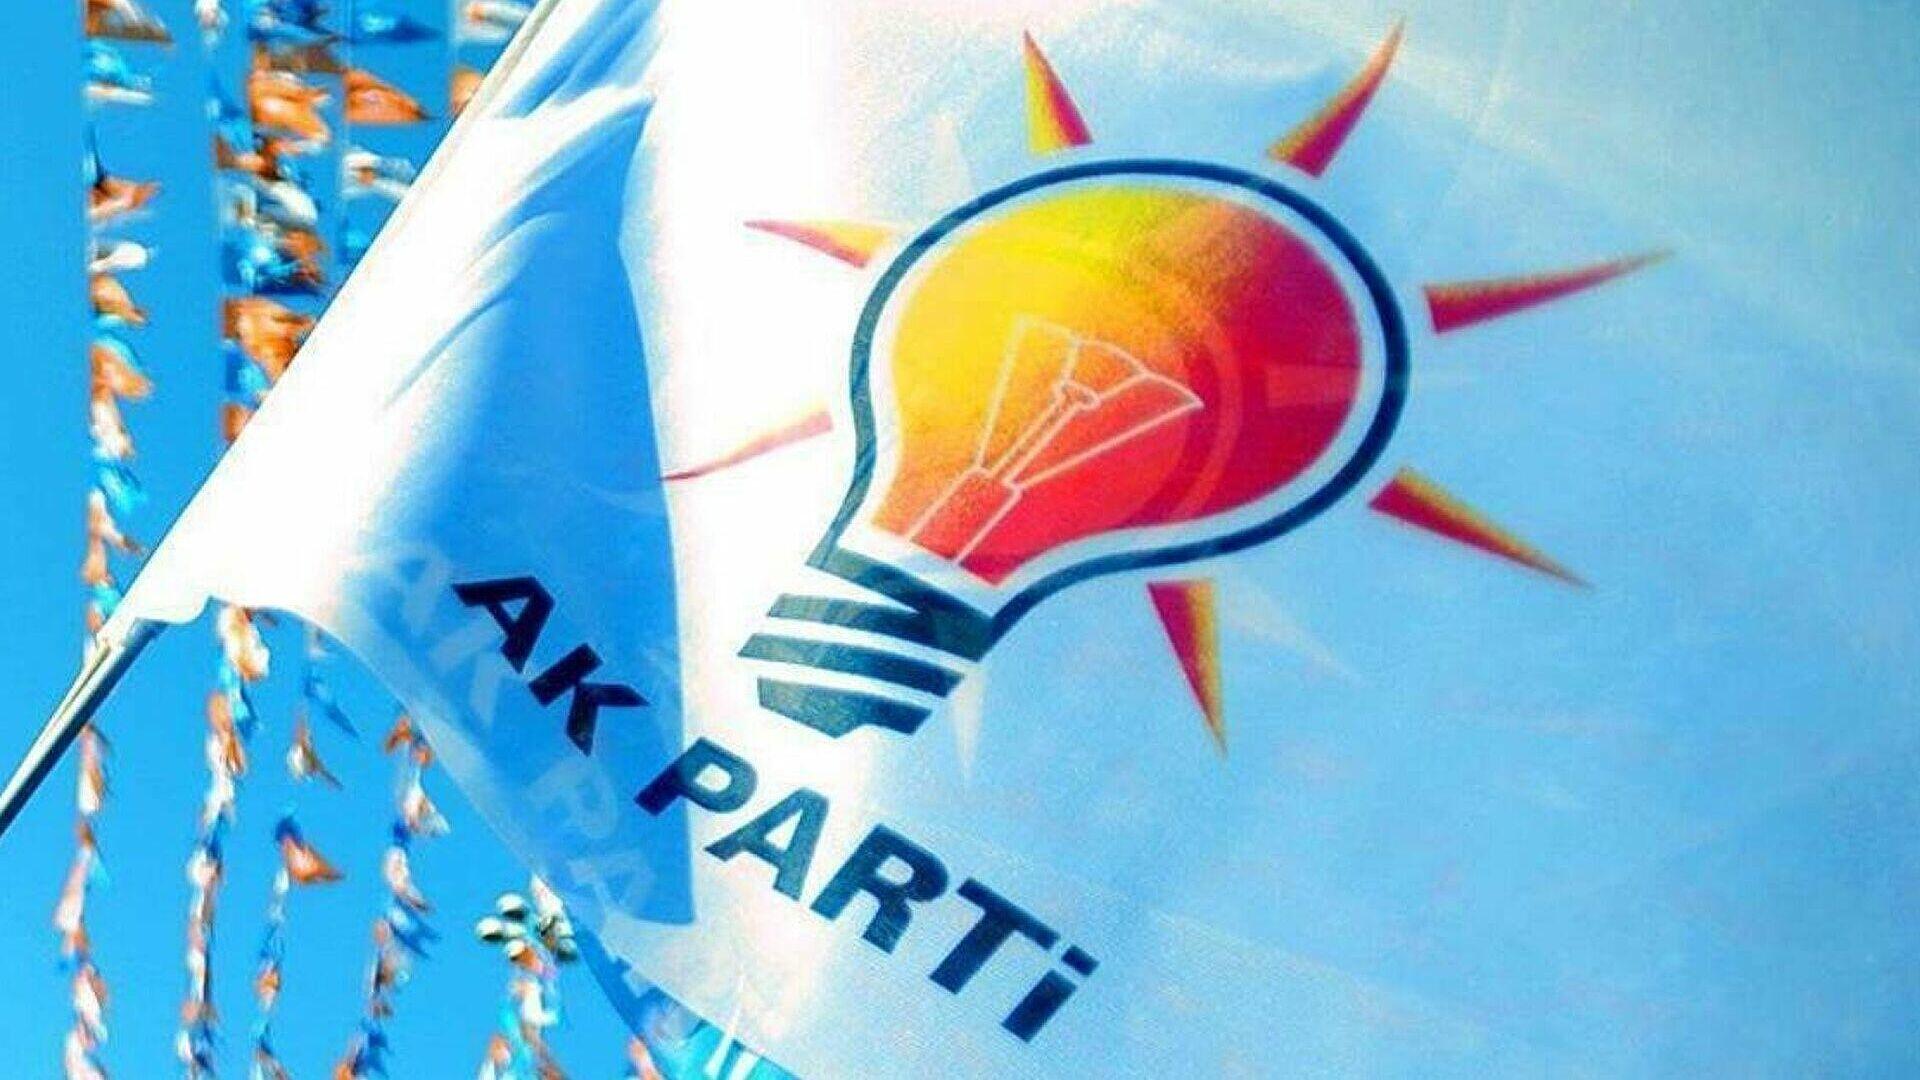 AK Parti - bayrak - logo - Sputnik Türkiye, 1920, 11.08.2021